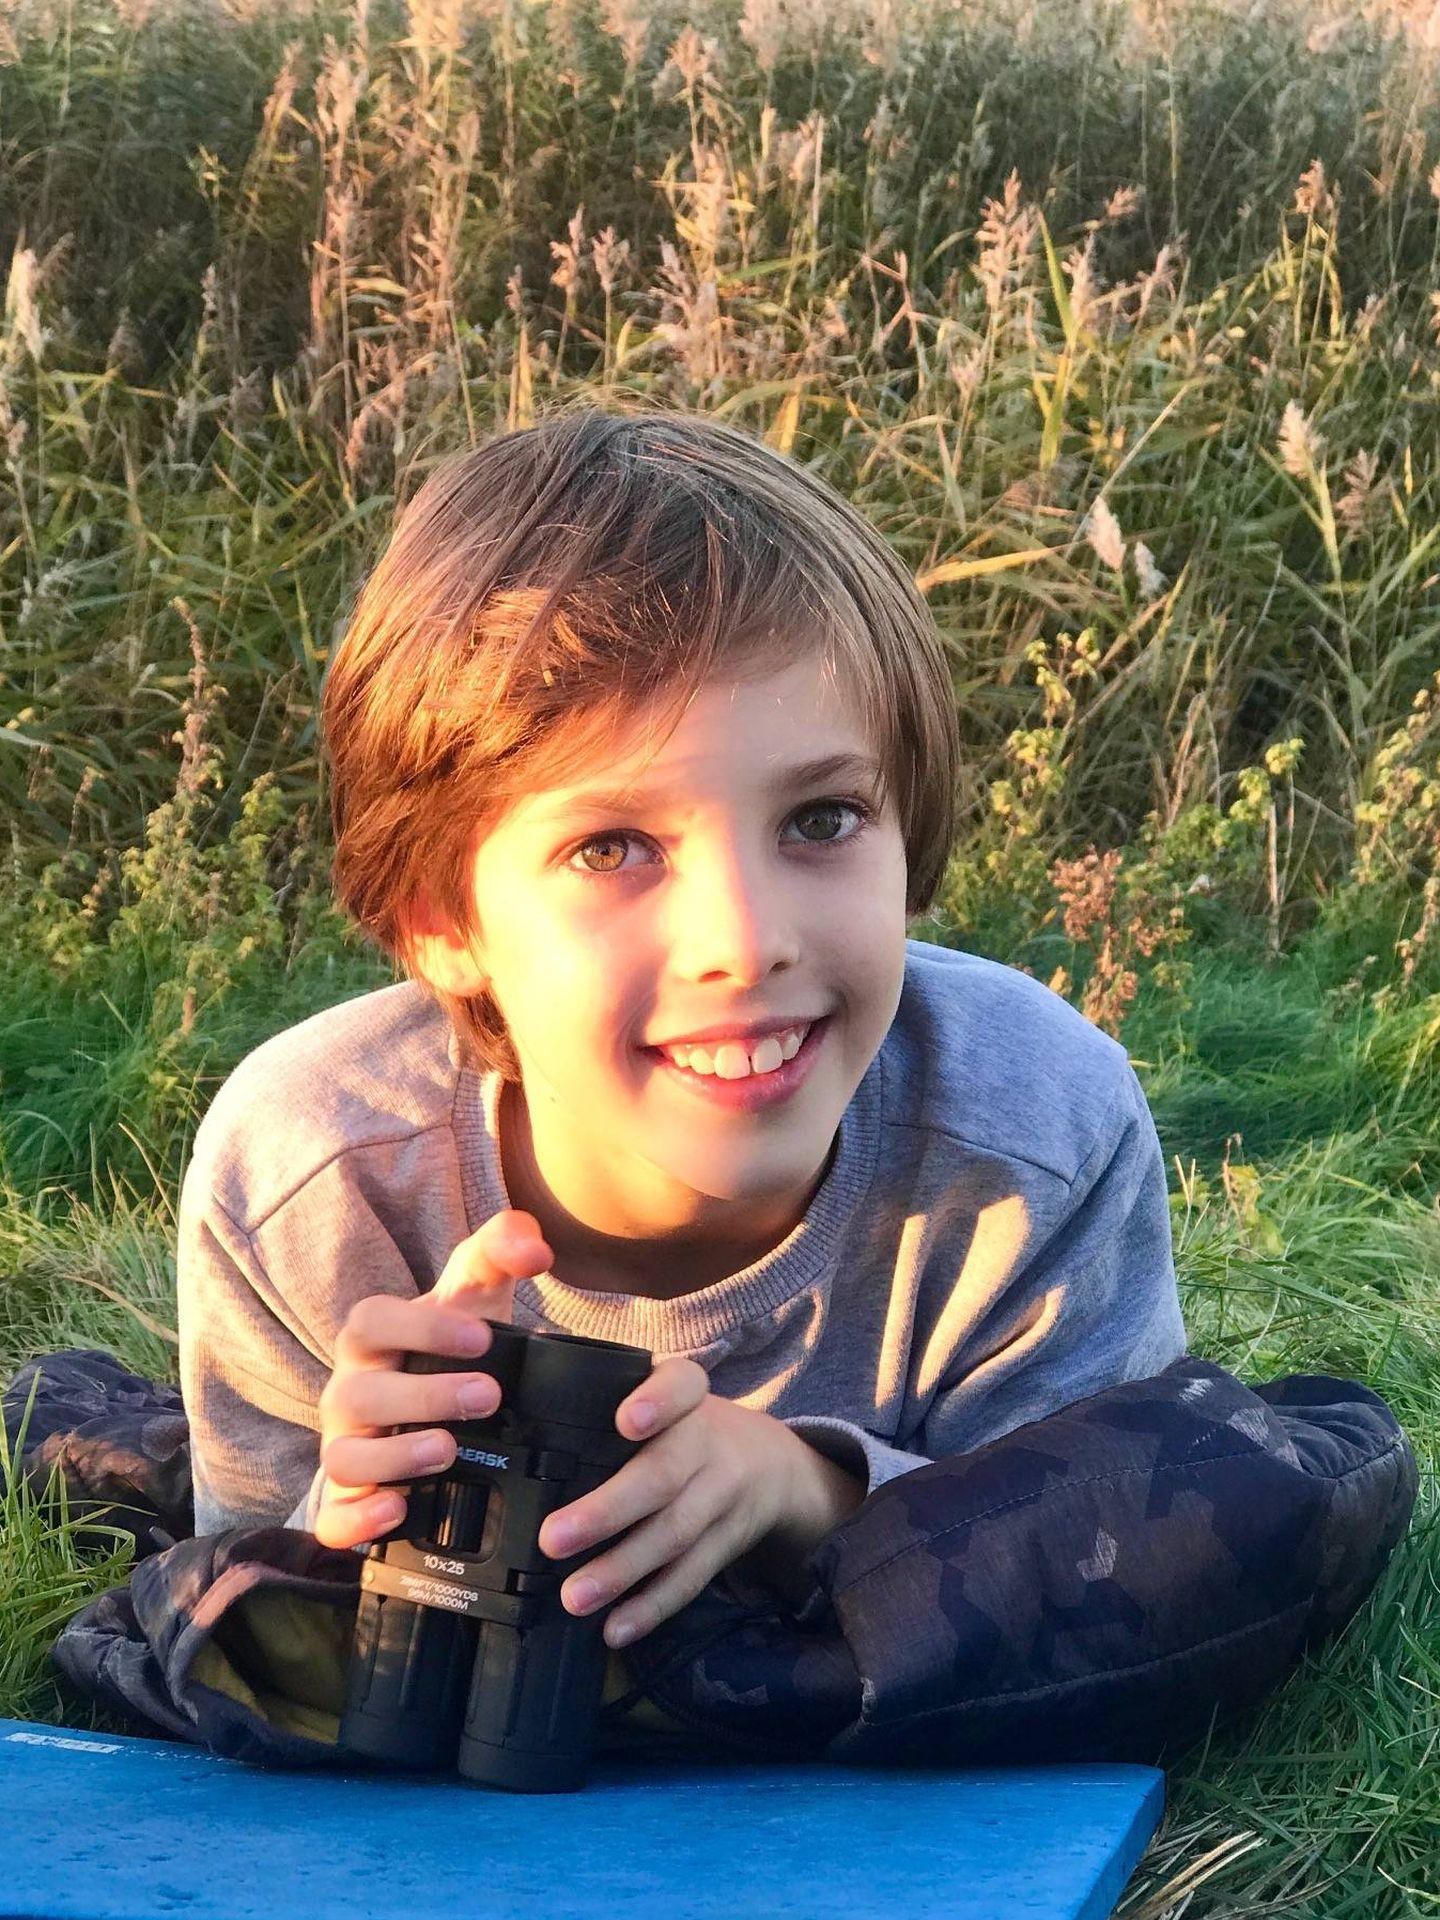 El príncipe Henrik, en su 10º cumpleaños. (Casa Real de Dinamarca)